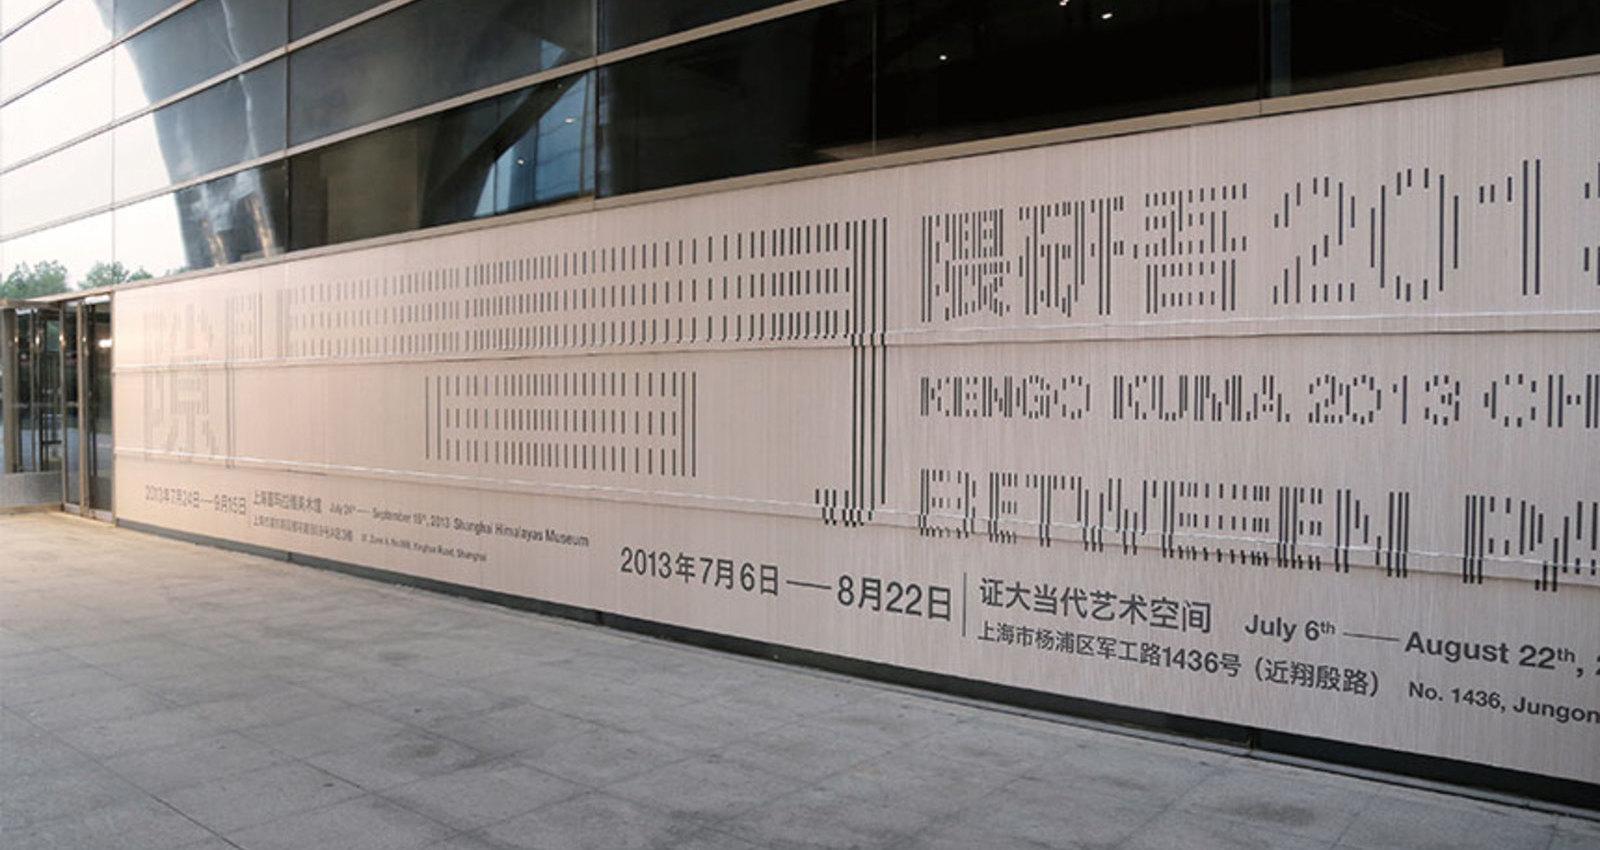 Kengo Kuma Exhibition 2013